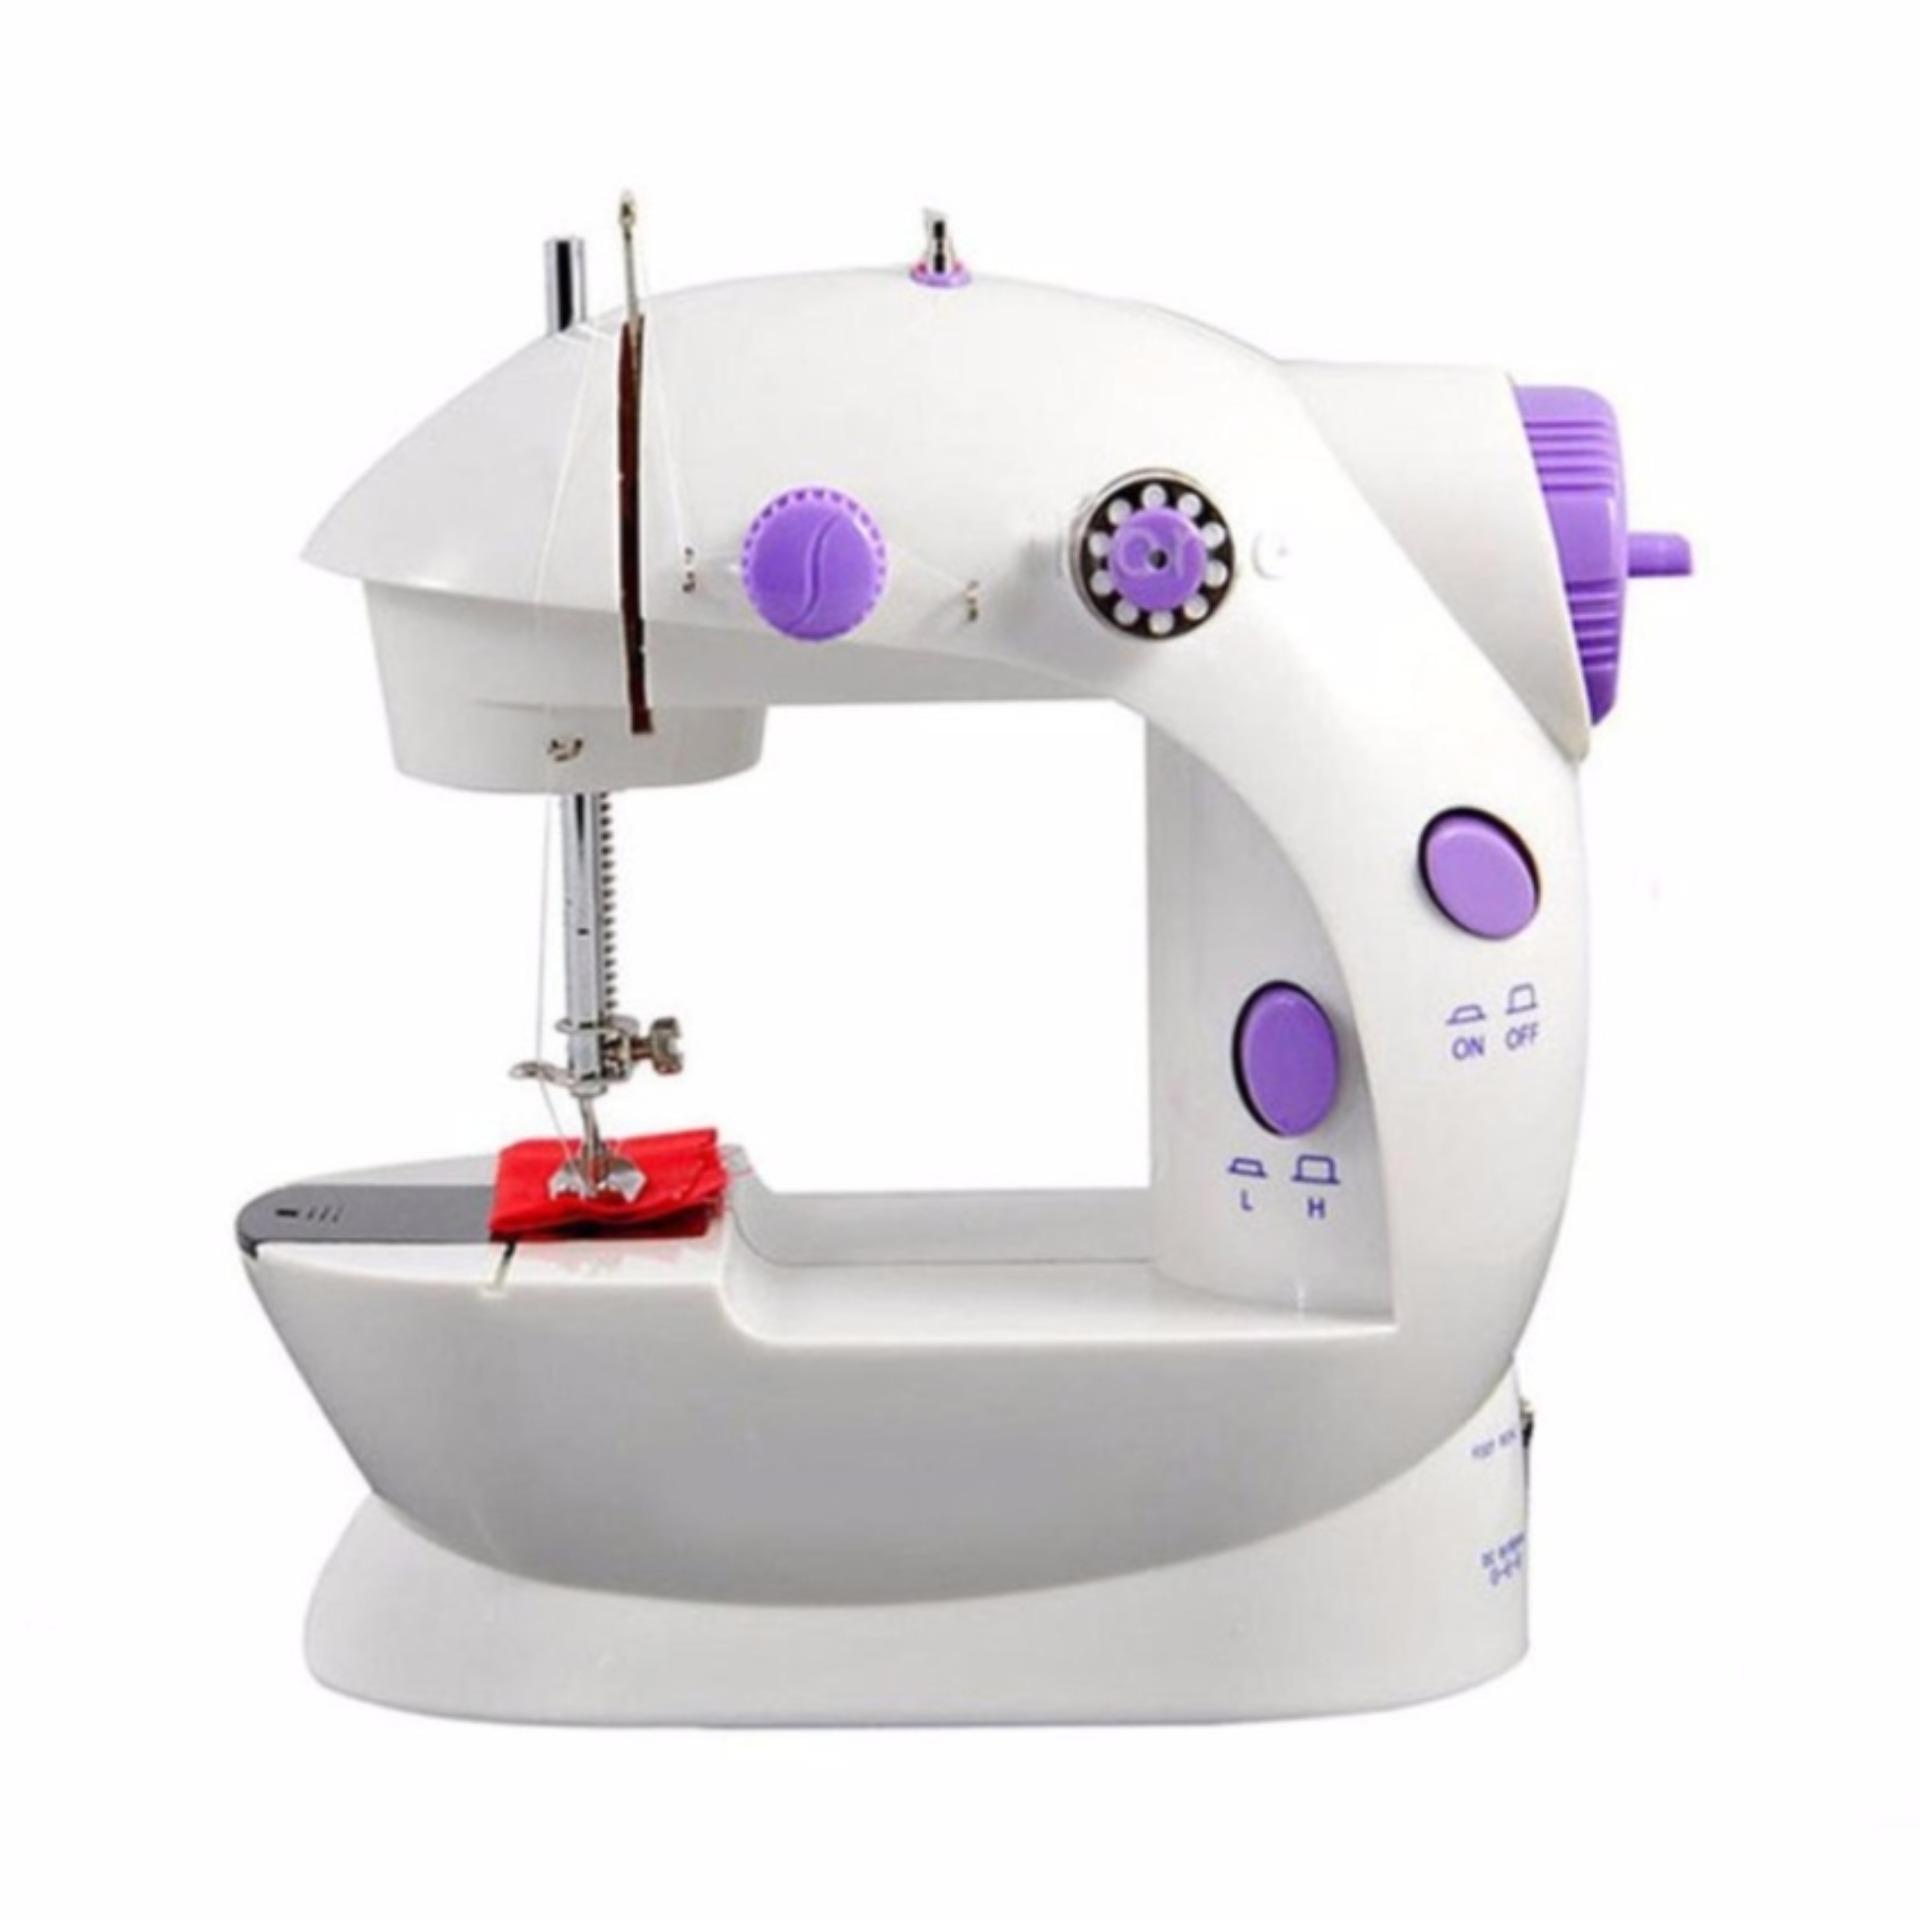 Máy may gia đình mini sewing machine MD-L (Trắng phối tím)